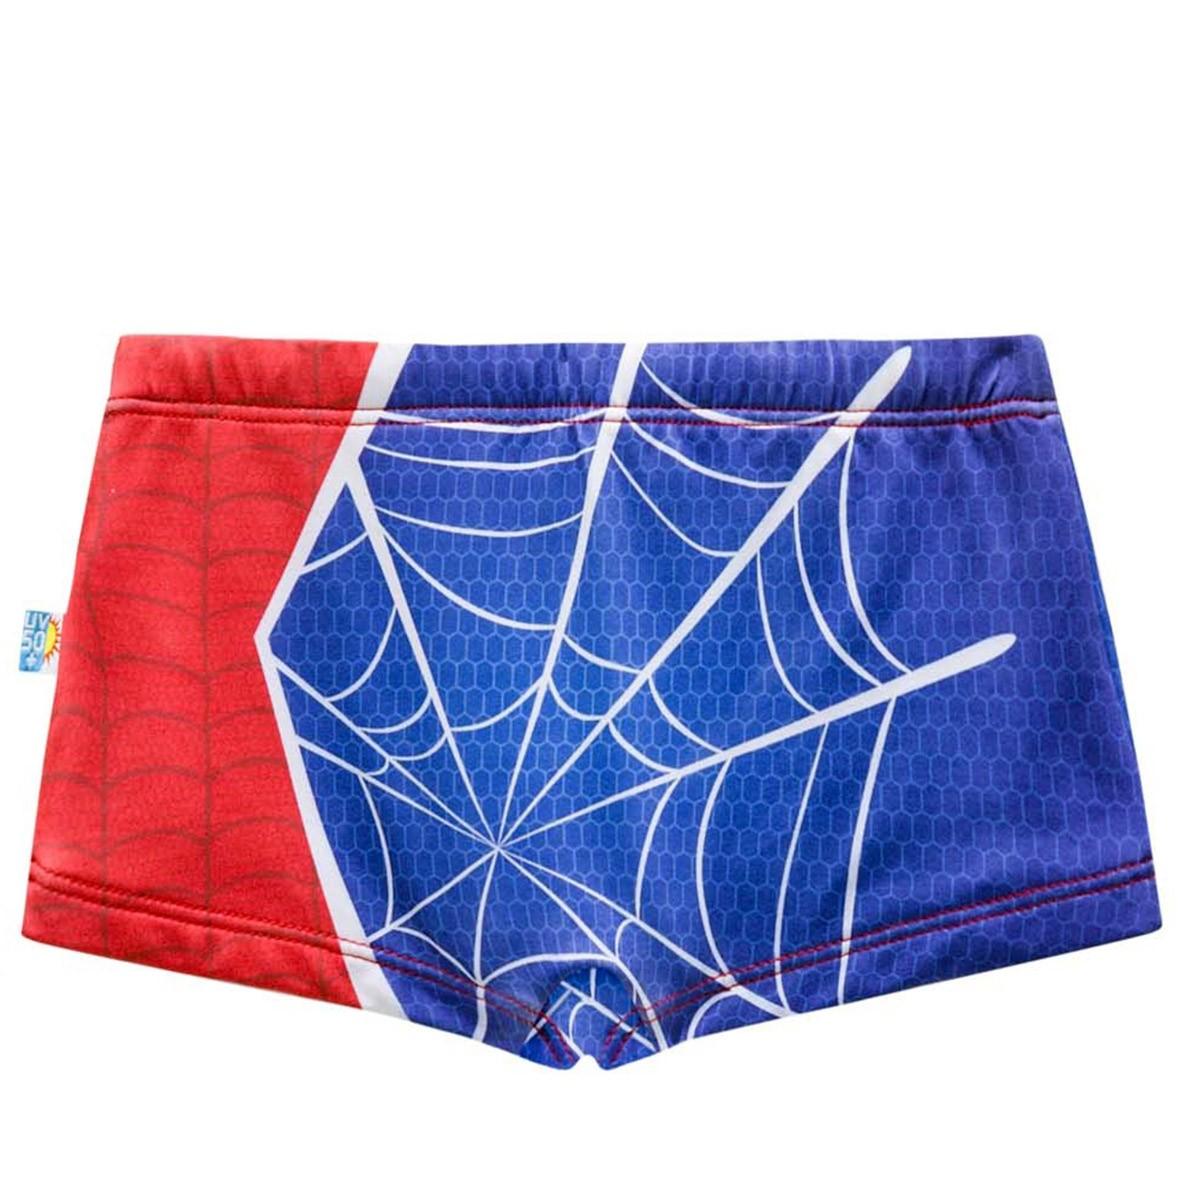 Sunga criança teia aranha spider men azul vermelha marvel